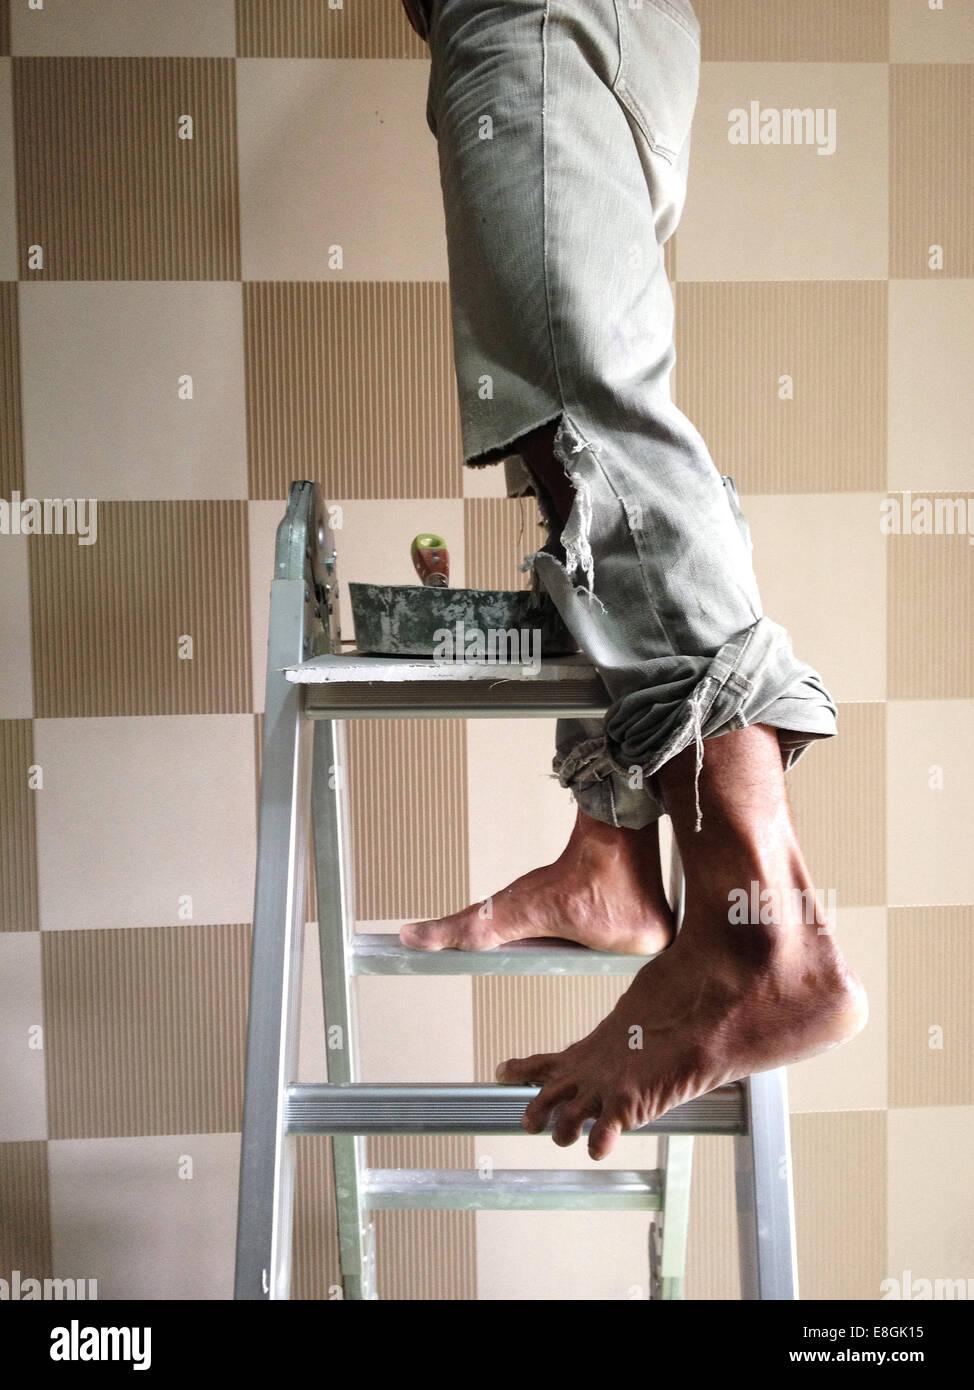 Spezielle Hauptstadtregion Jakarta, Indonesien, Jakarta, Mann stand auf Leiter Stockfoto